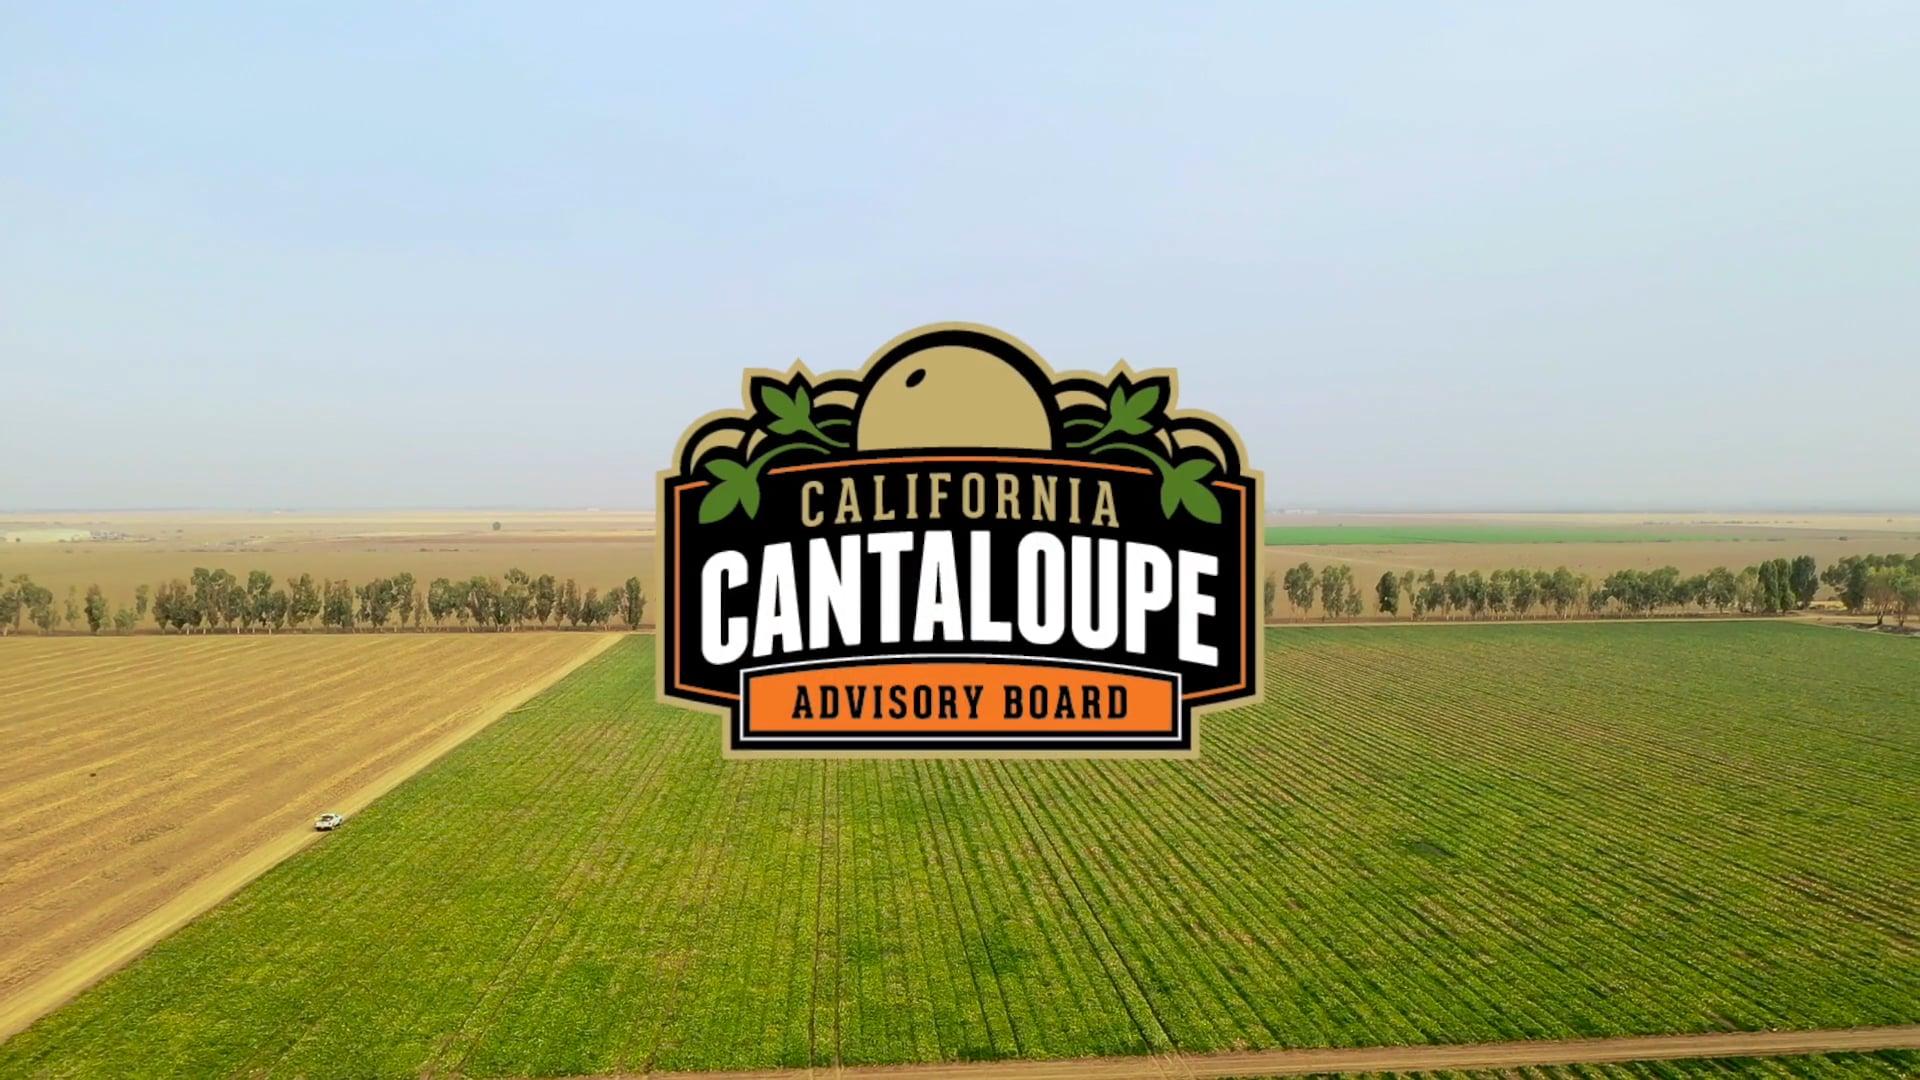 California Cantaloupe Advisory Board